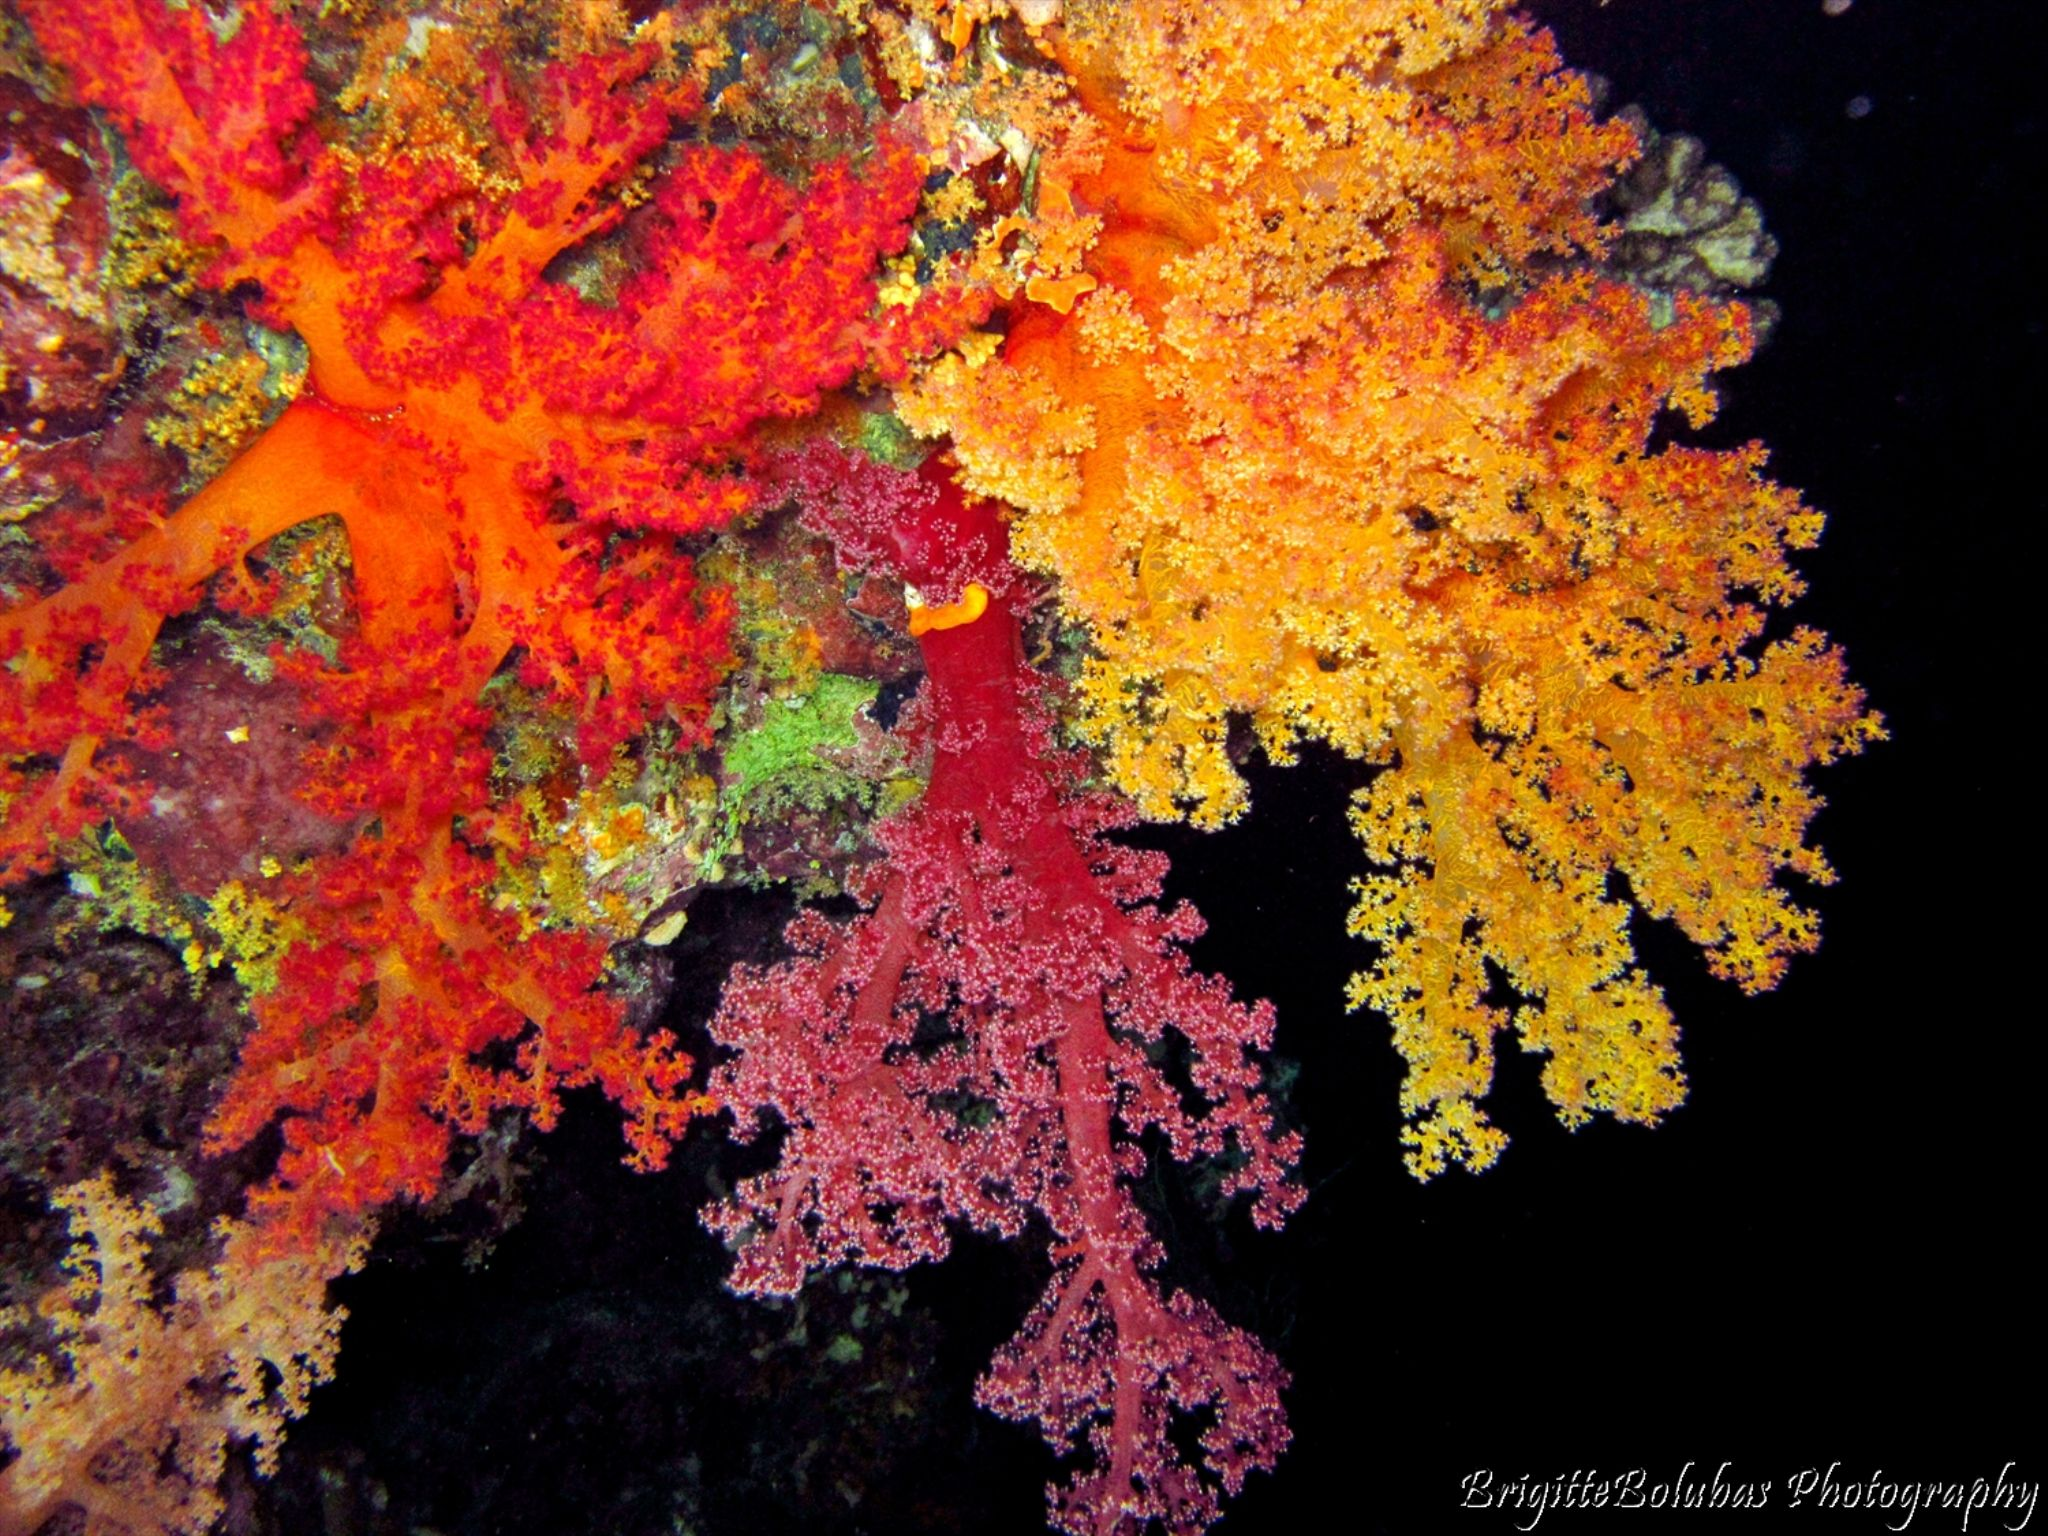 Soft coral by LiliomToursBrigitta